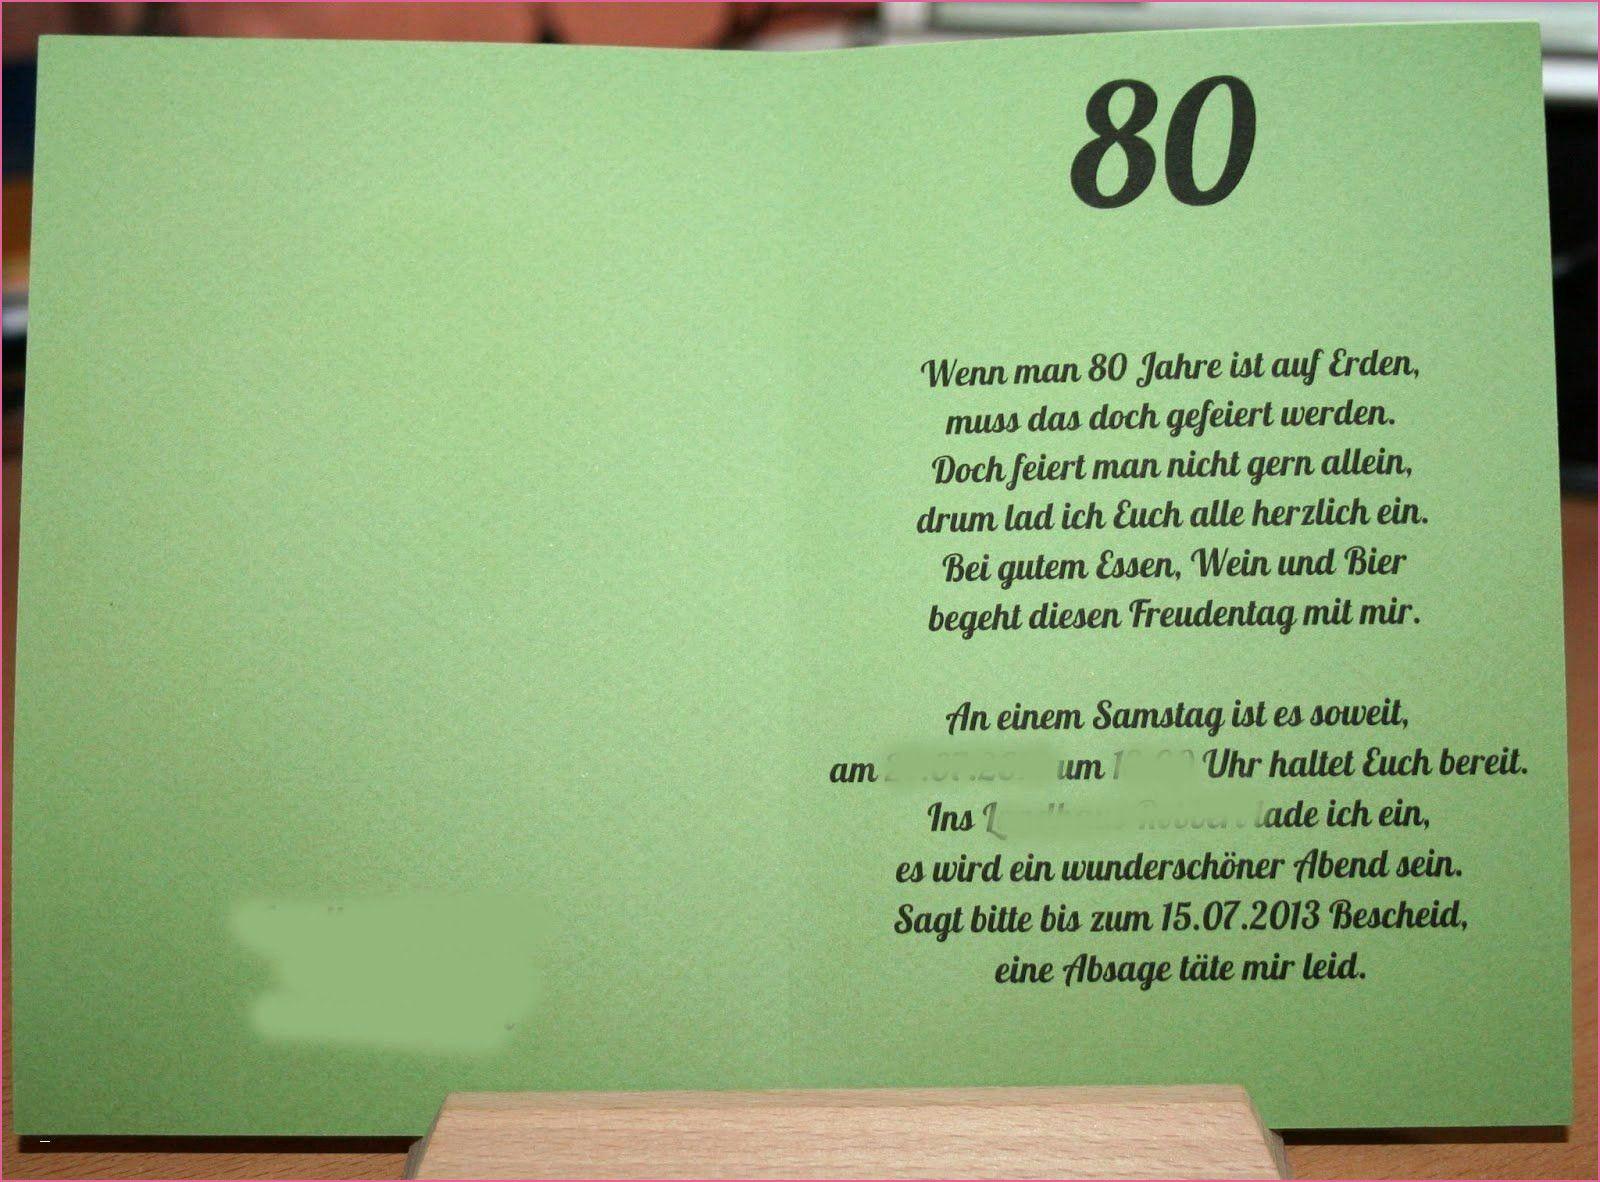 Pin Von Gabi Franke Auf Spruche In 2020 Einladung 80 Geburtstag